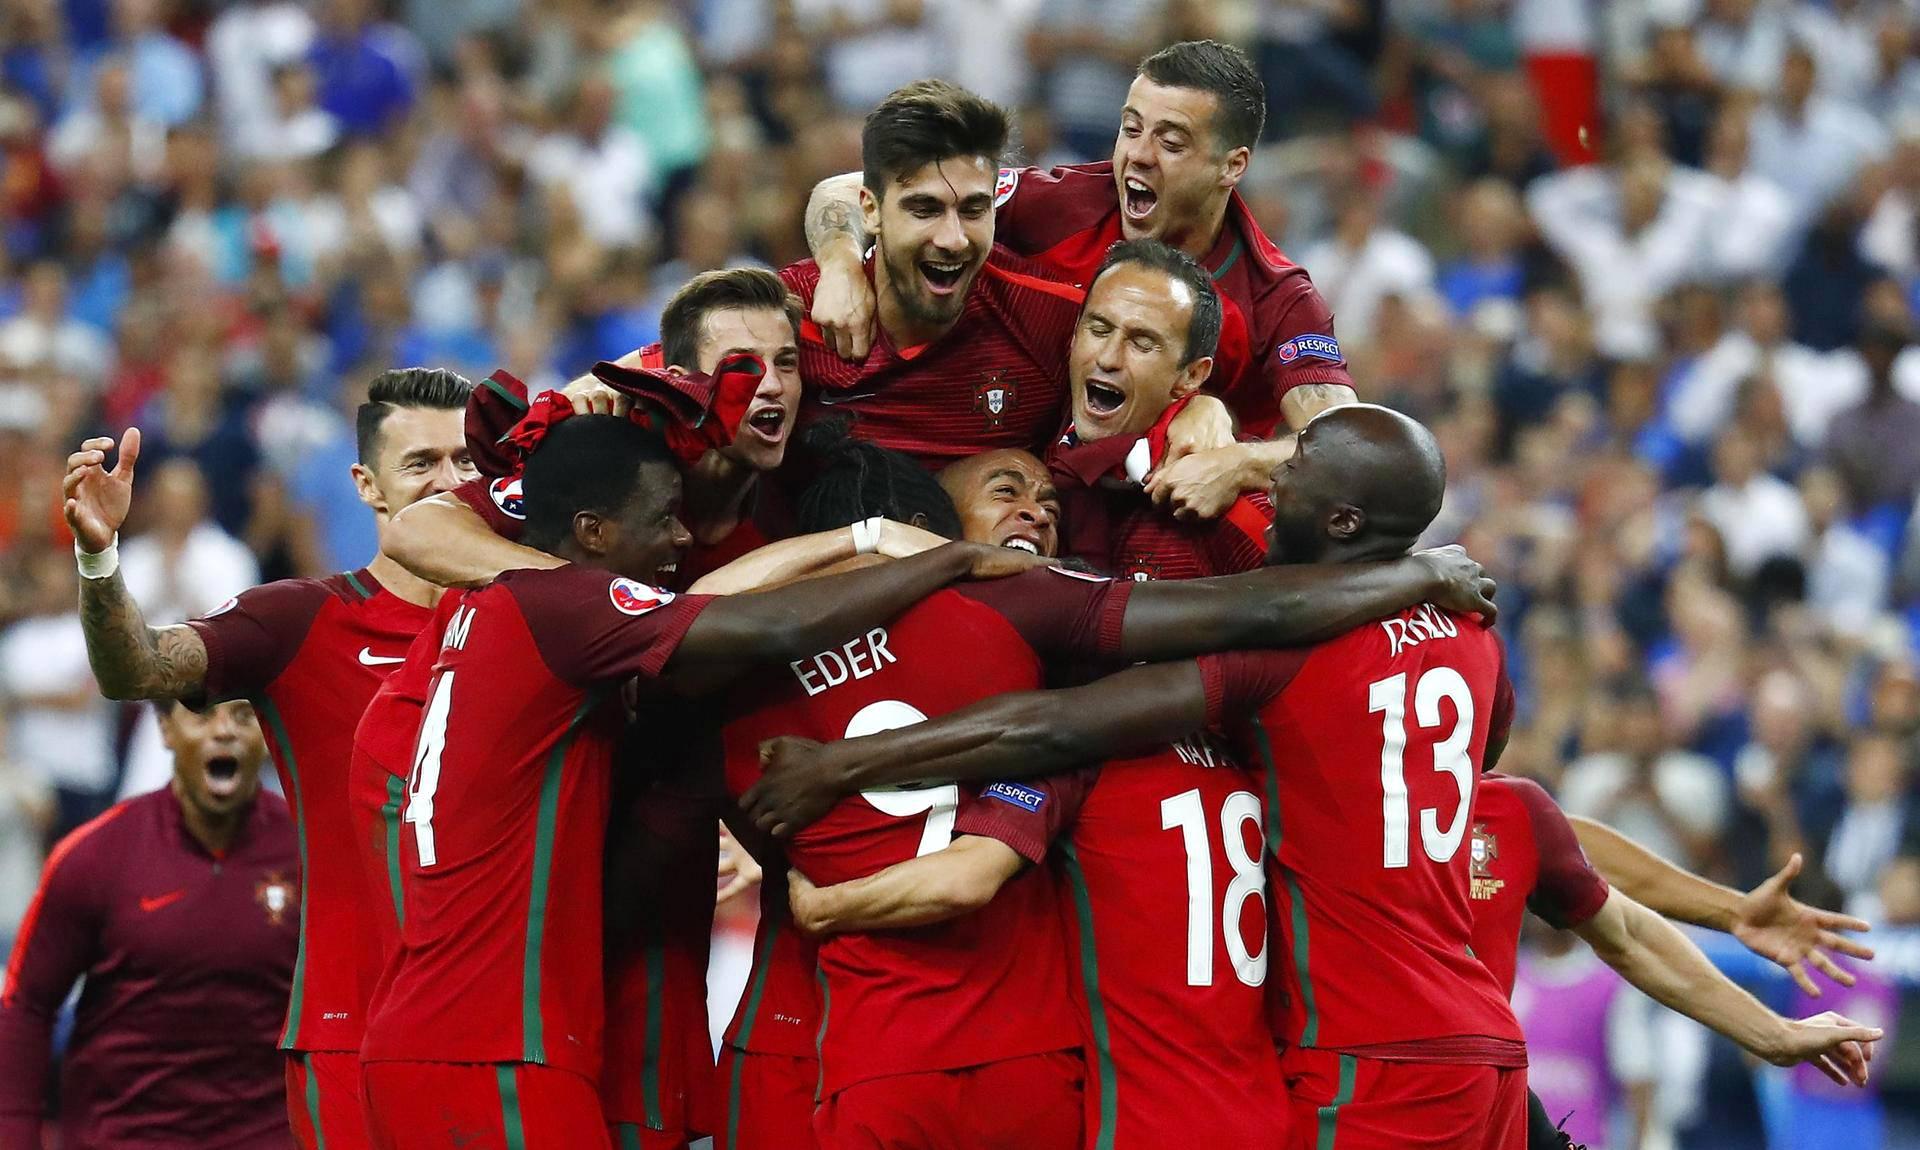 Portugalin joukkue aloitti villit juhlat mestaruuden ratkettua.